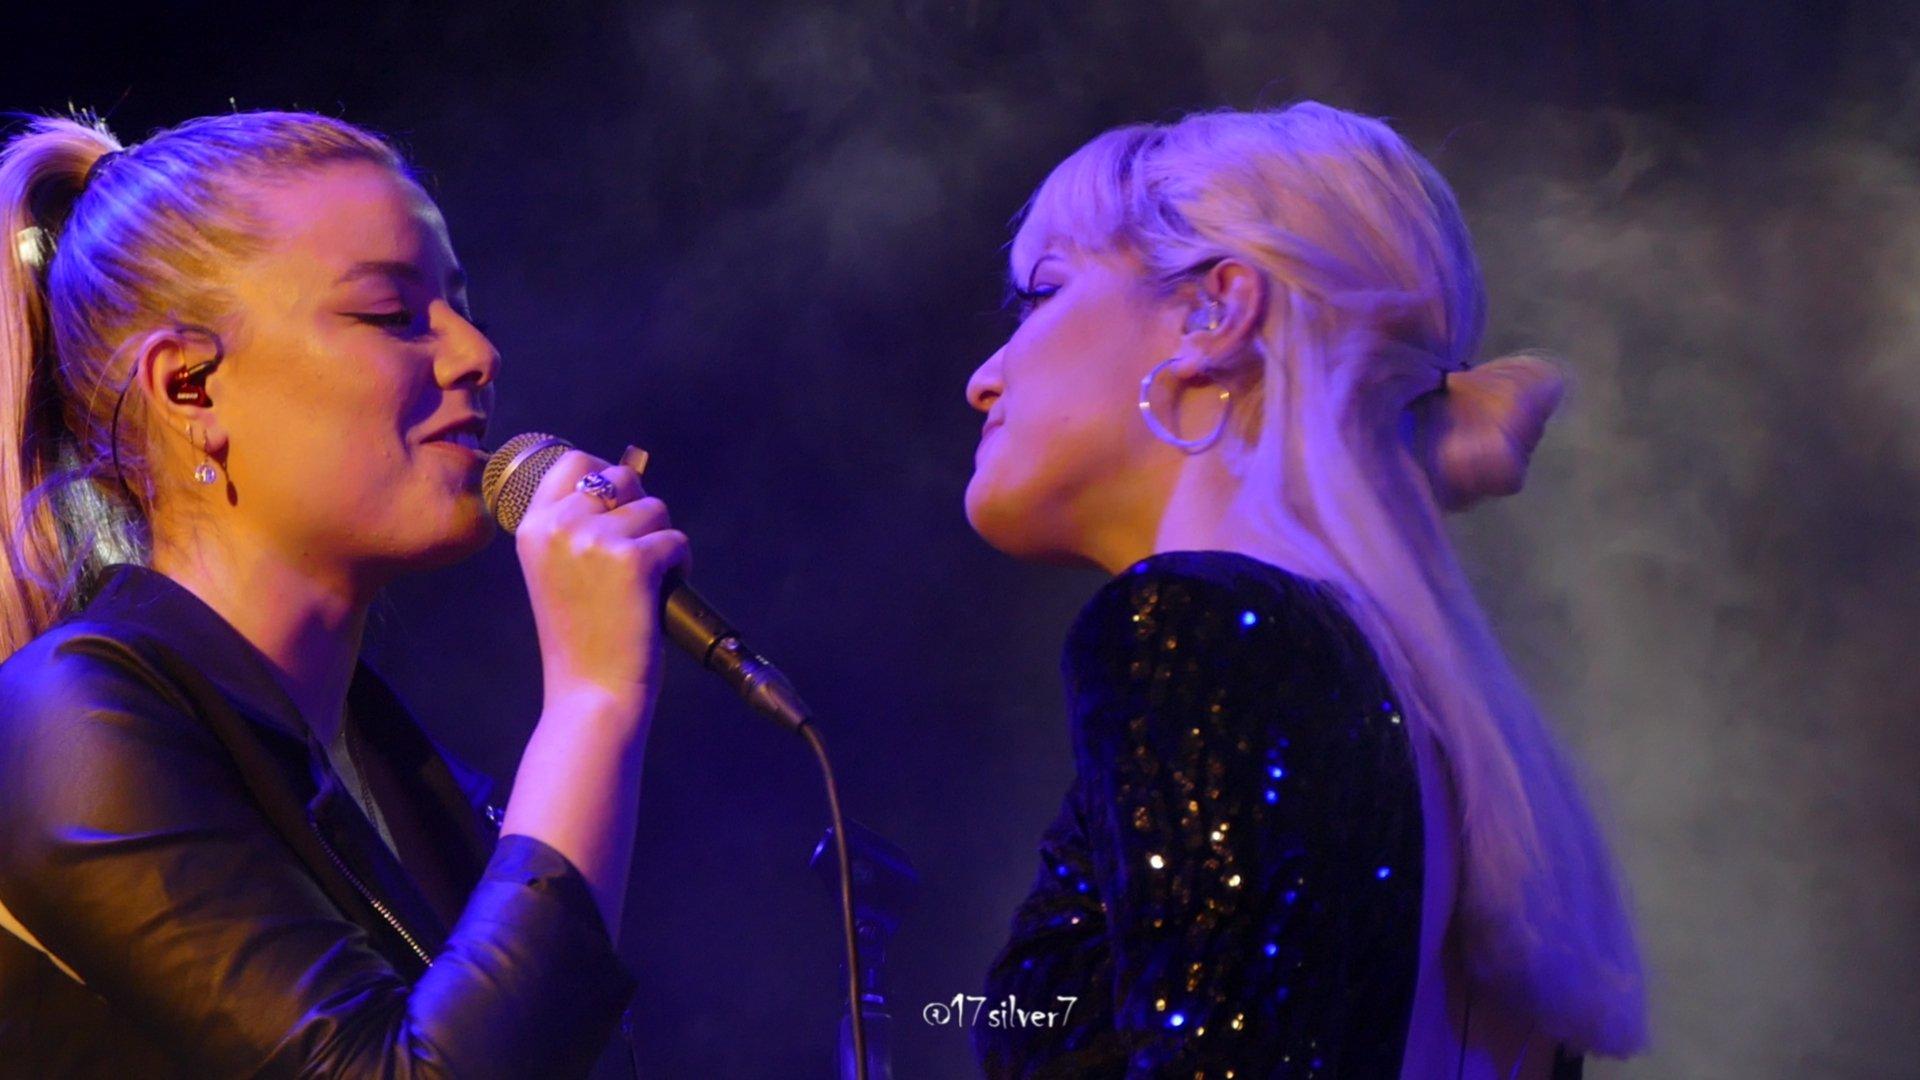 """Alba Reche y Marina cantando """"She Used To Be Mine"""" - Quimera Tour Sevilla / Foto: Artivist - @17Silver7"""